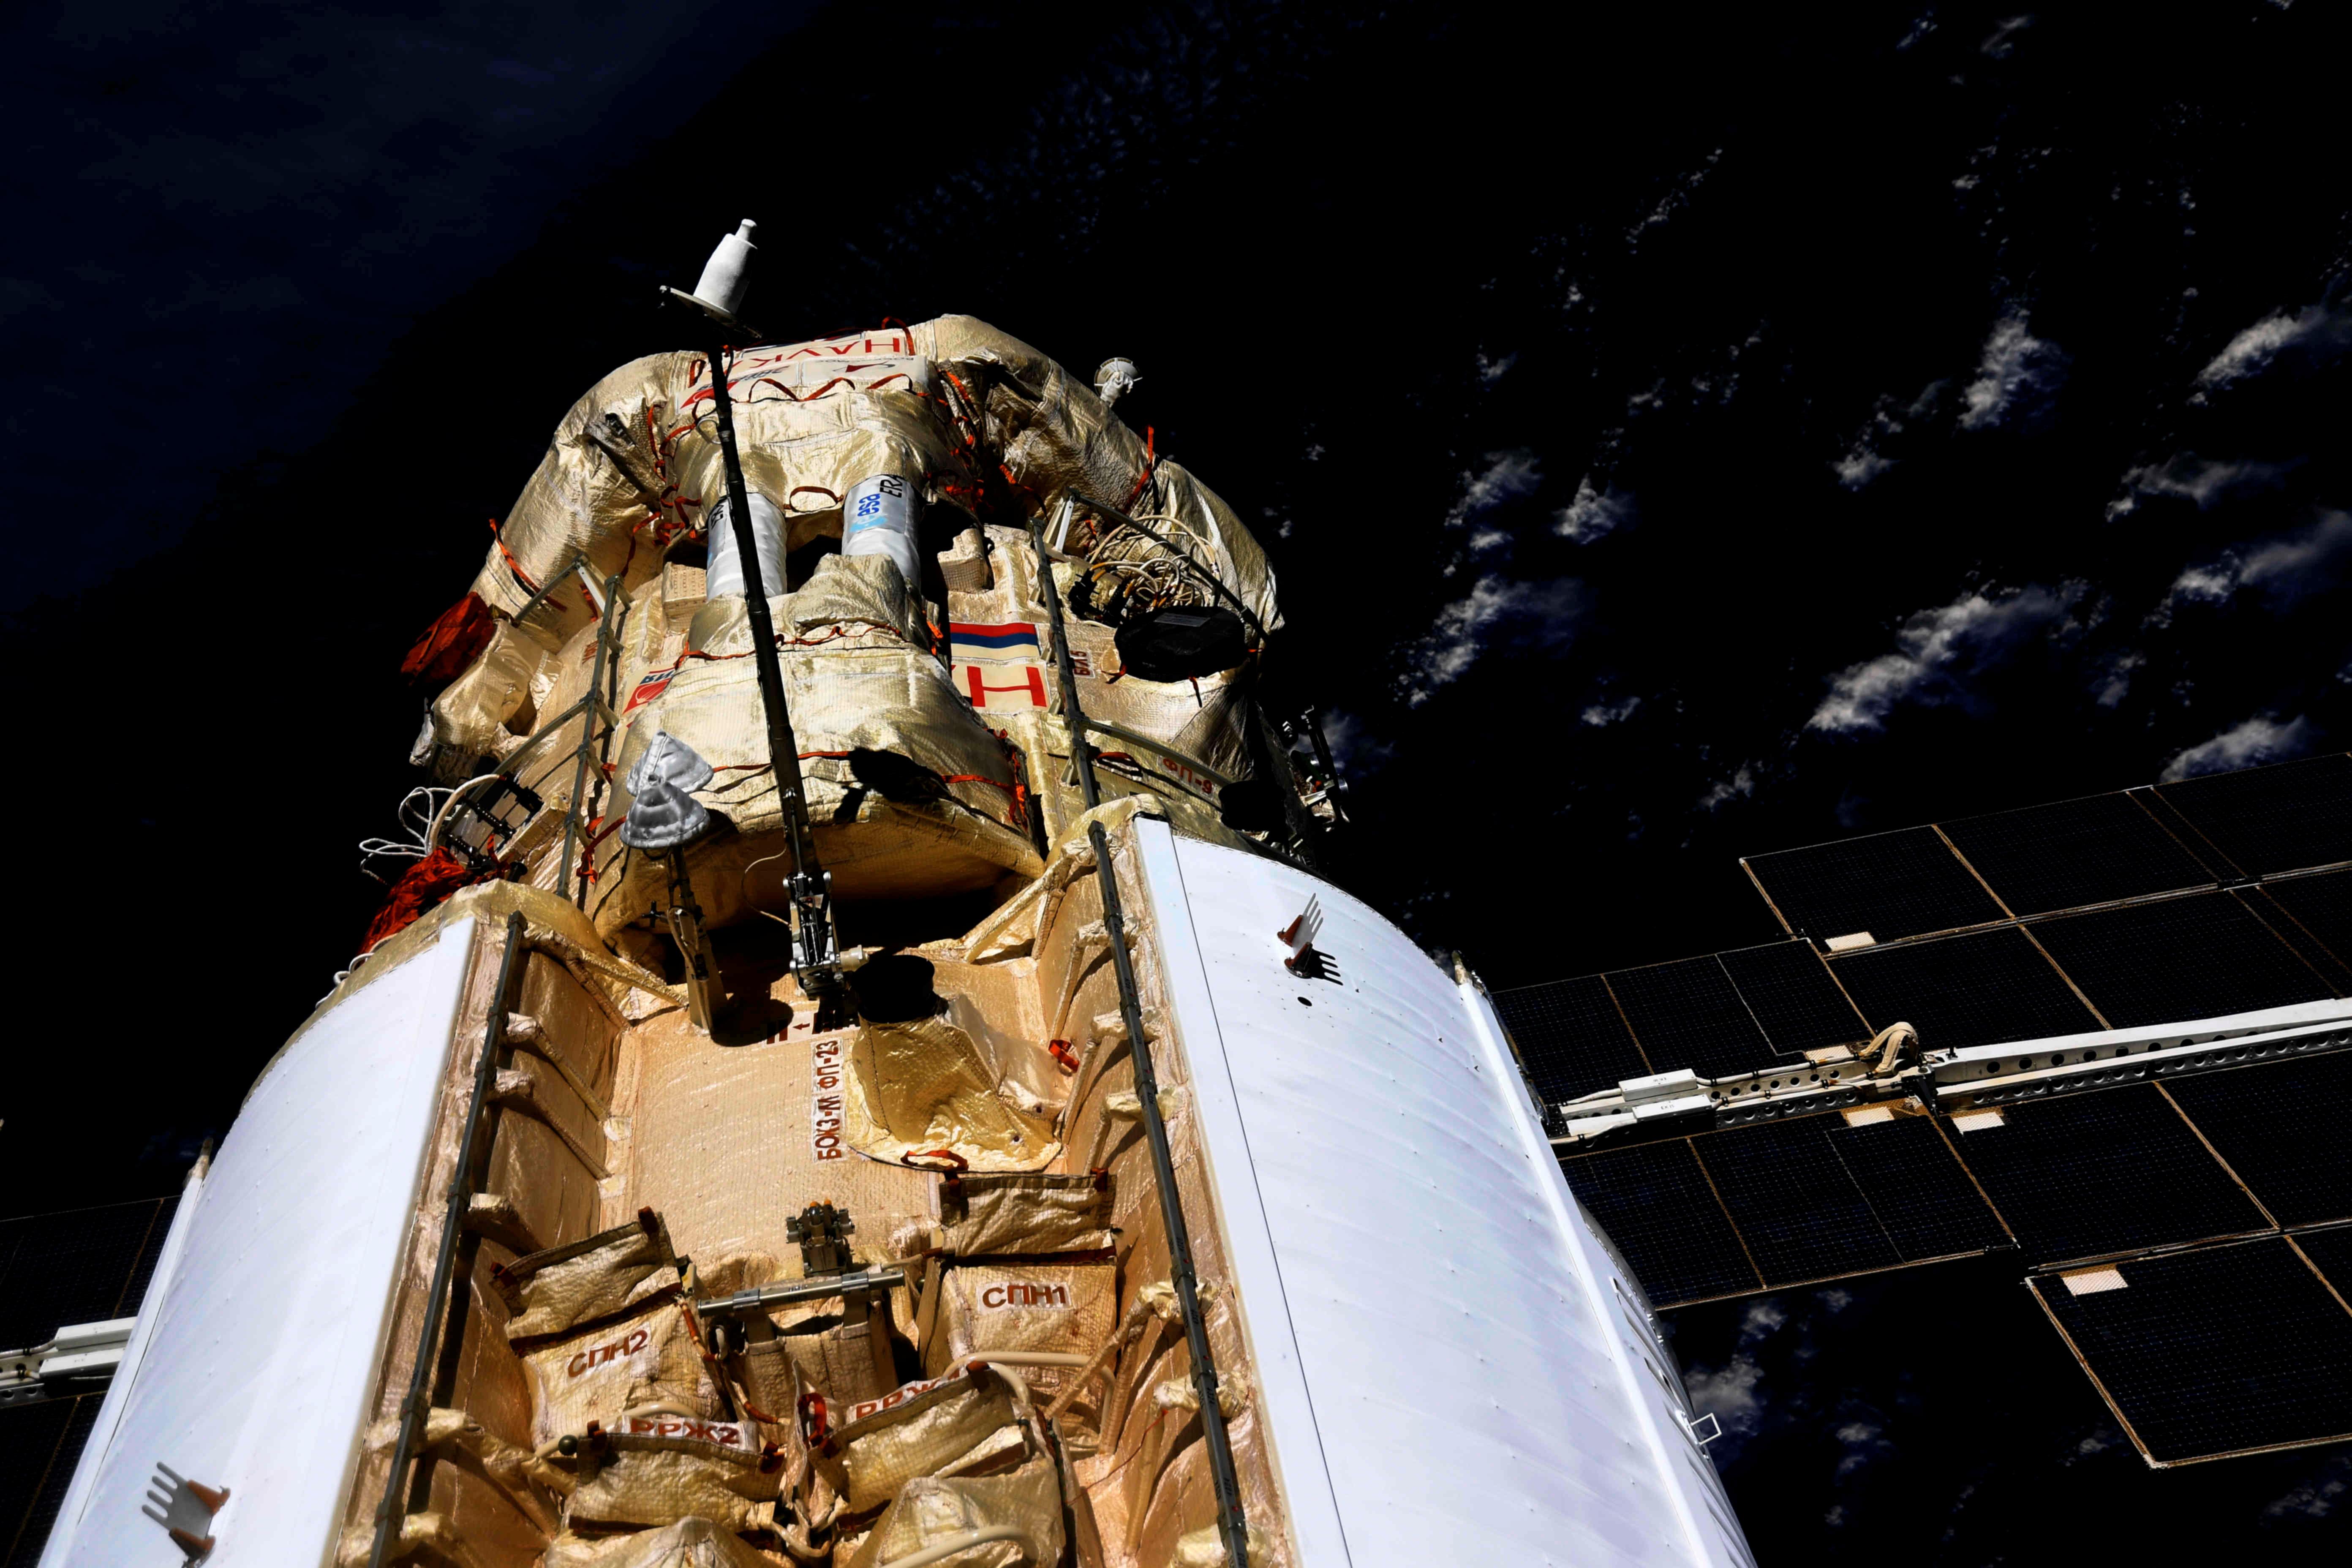 """Шматмэтавы лабараторны модуль """"Наука"""" (навука) размешчаны на стыкоўцы з Міжнароднай касмічнай станцыяй (МКС) 29 ліпеня 2021 года. Алег Навіцкі/Раскосмас/Раздача праз REUTERS"""